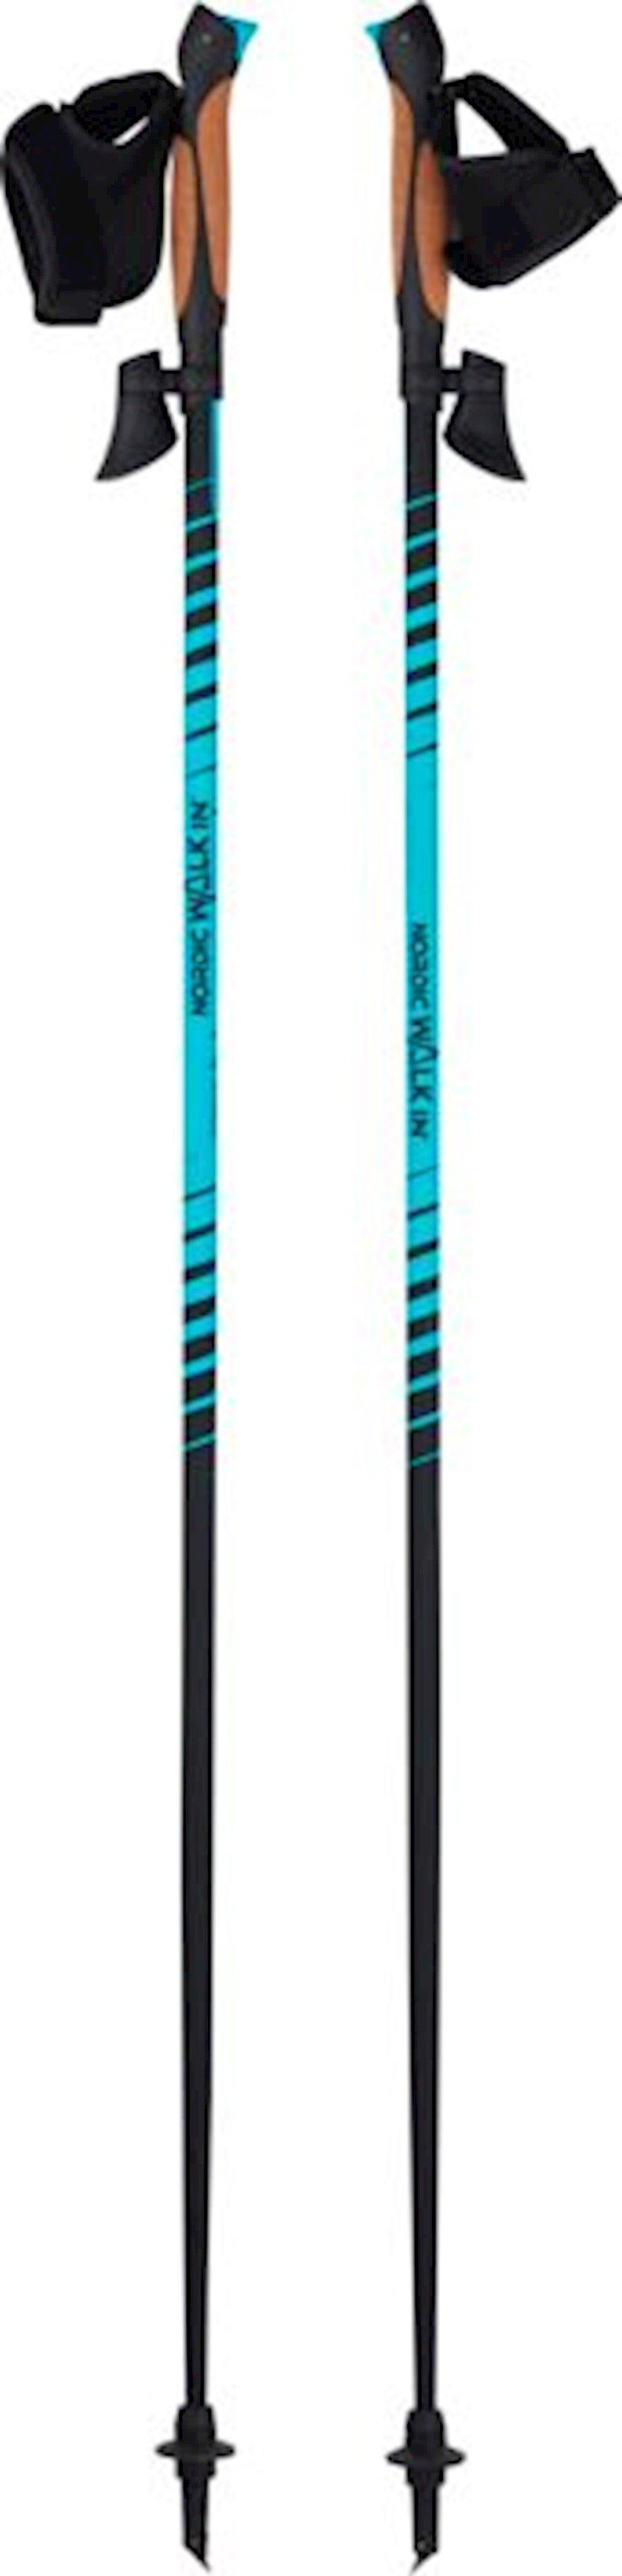 Skandinaviya yürüyüşü üçün çubuqlar Wanabee Nordic 60 X2 Hiking Poles, uniseks, 2 ədəd, qara/göy/narıncı, ölçü 120